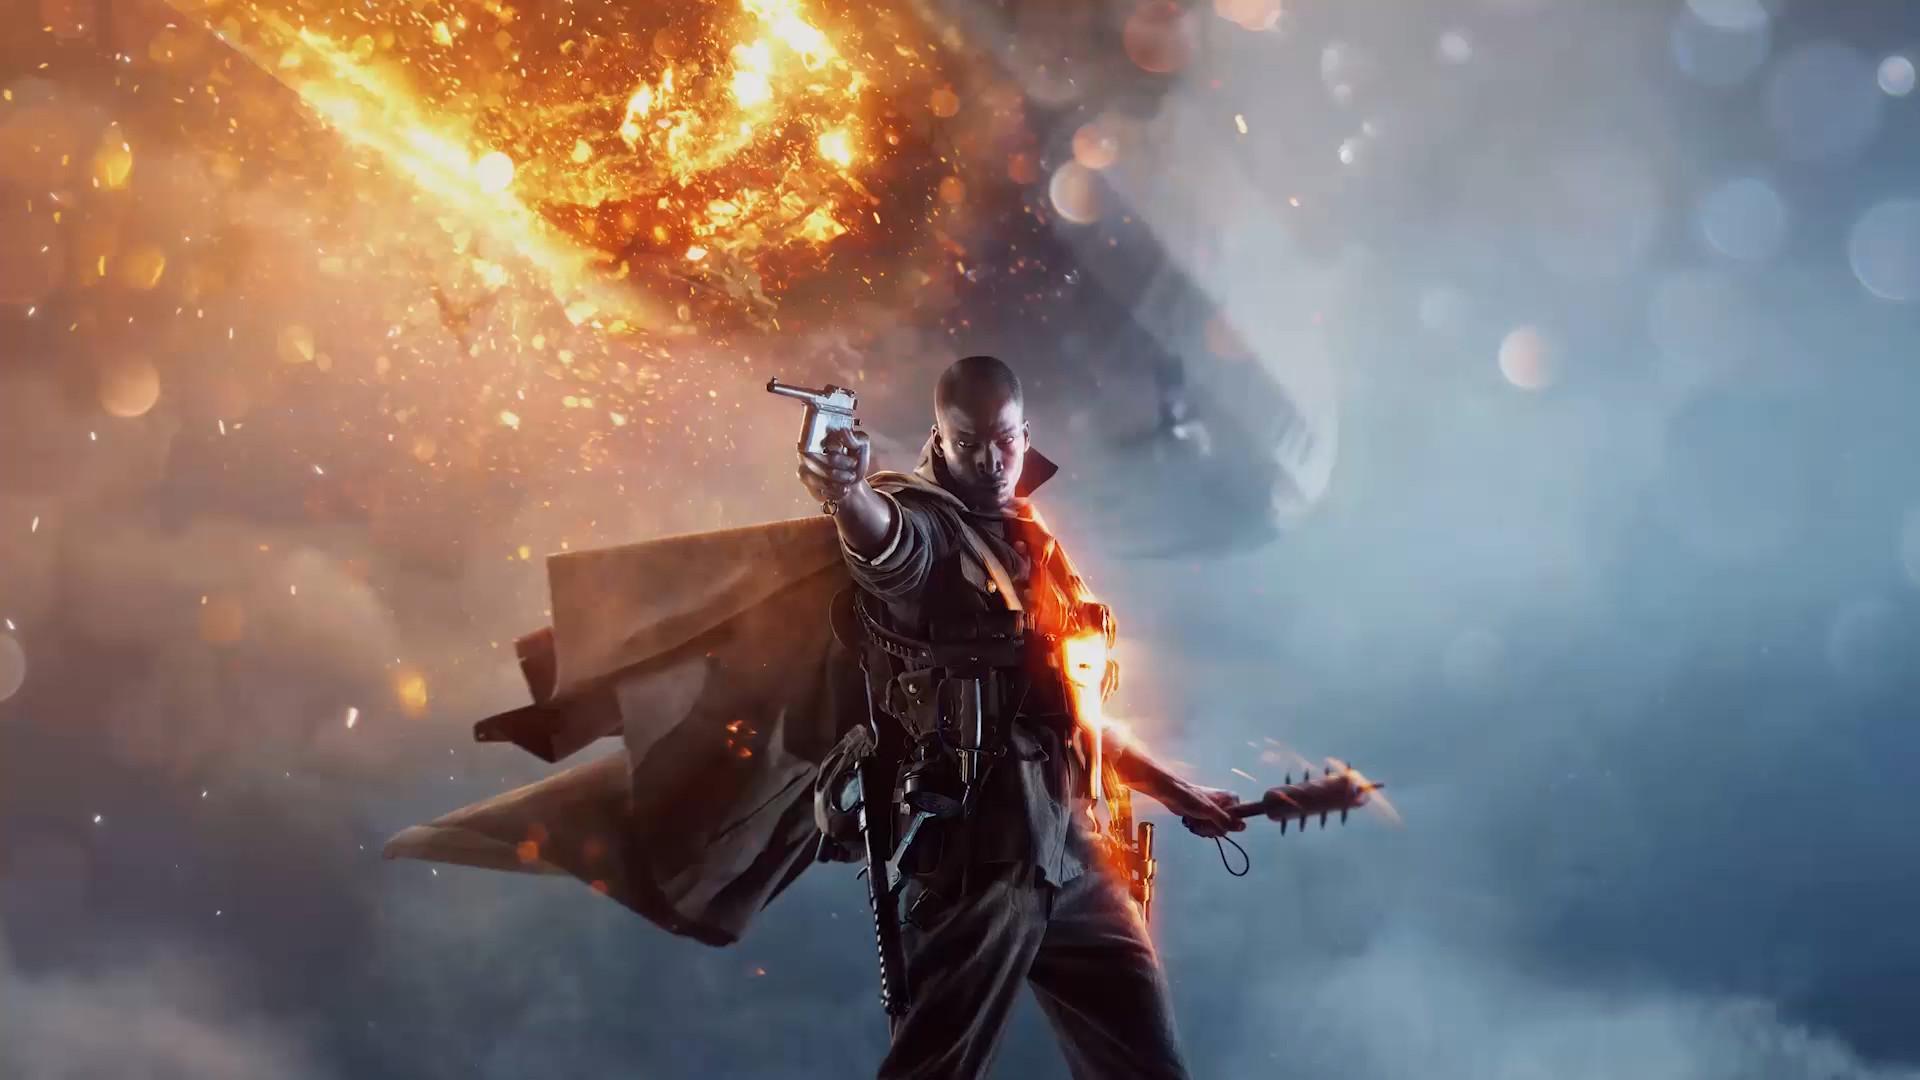 Review Battlefield 1